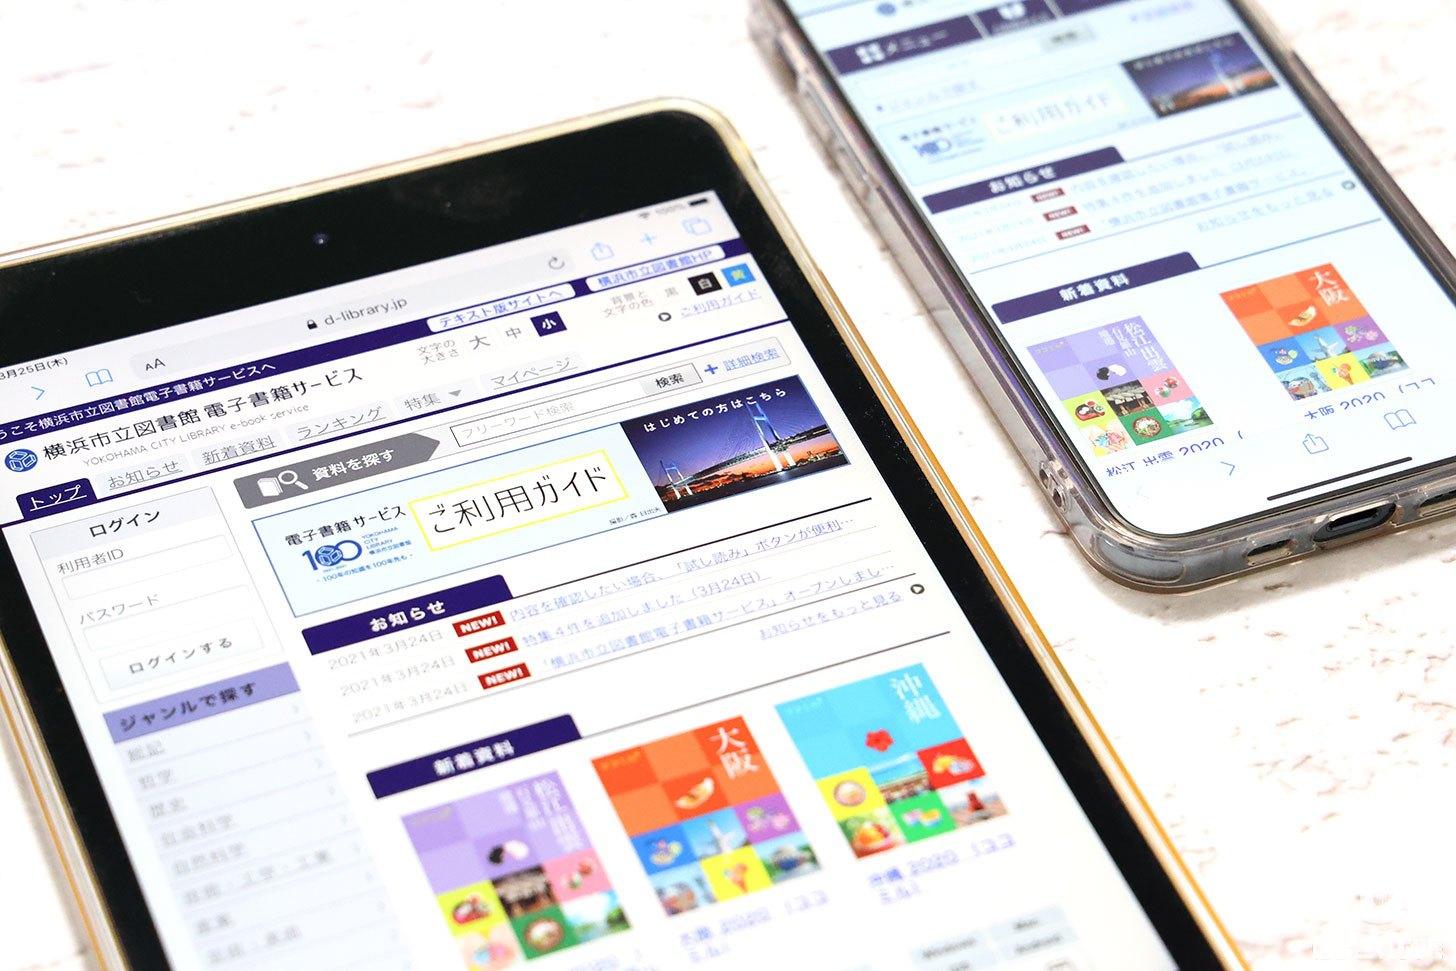 横浜市立図書館「電子書籍サービス」開始!2点まで2週間貸出